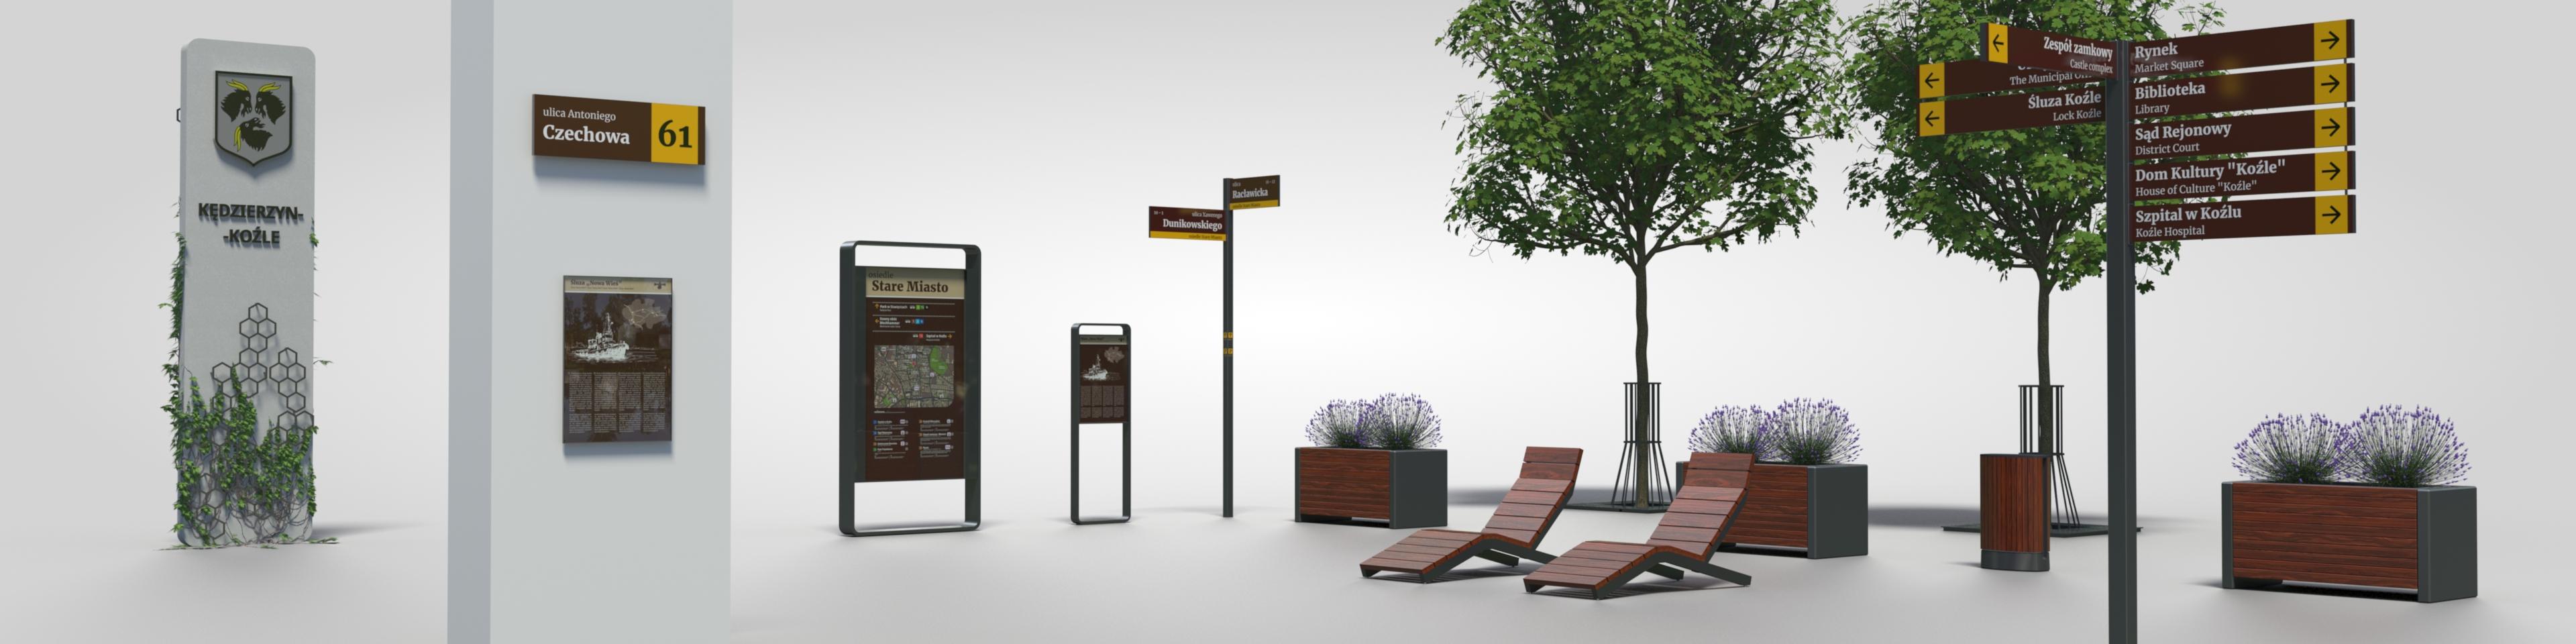 meble miejskie i system oznakowania